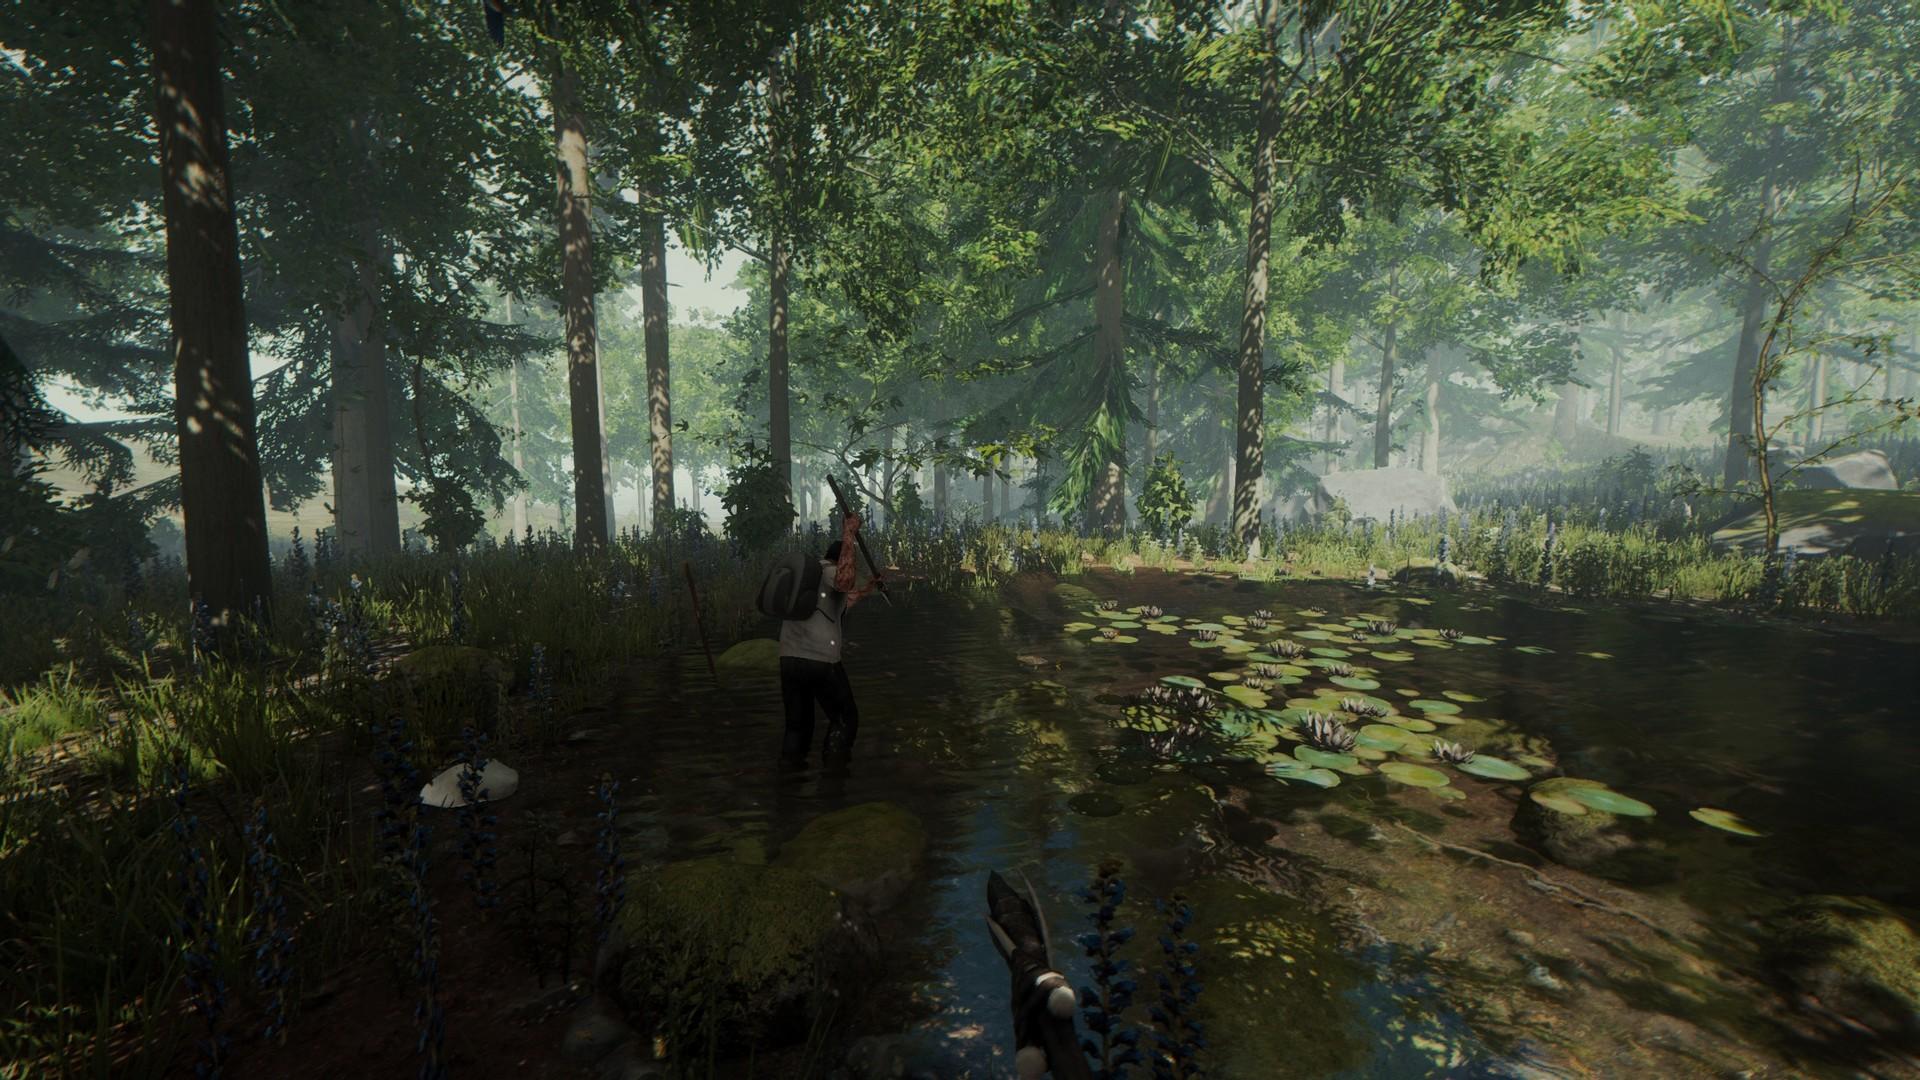 森林 - 叽咪叽咪 | 游戏评测